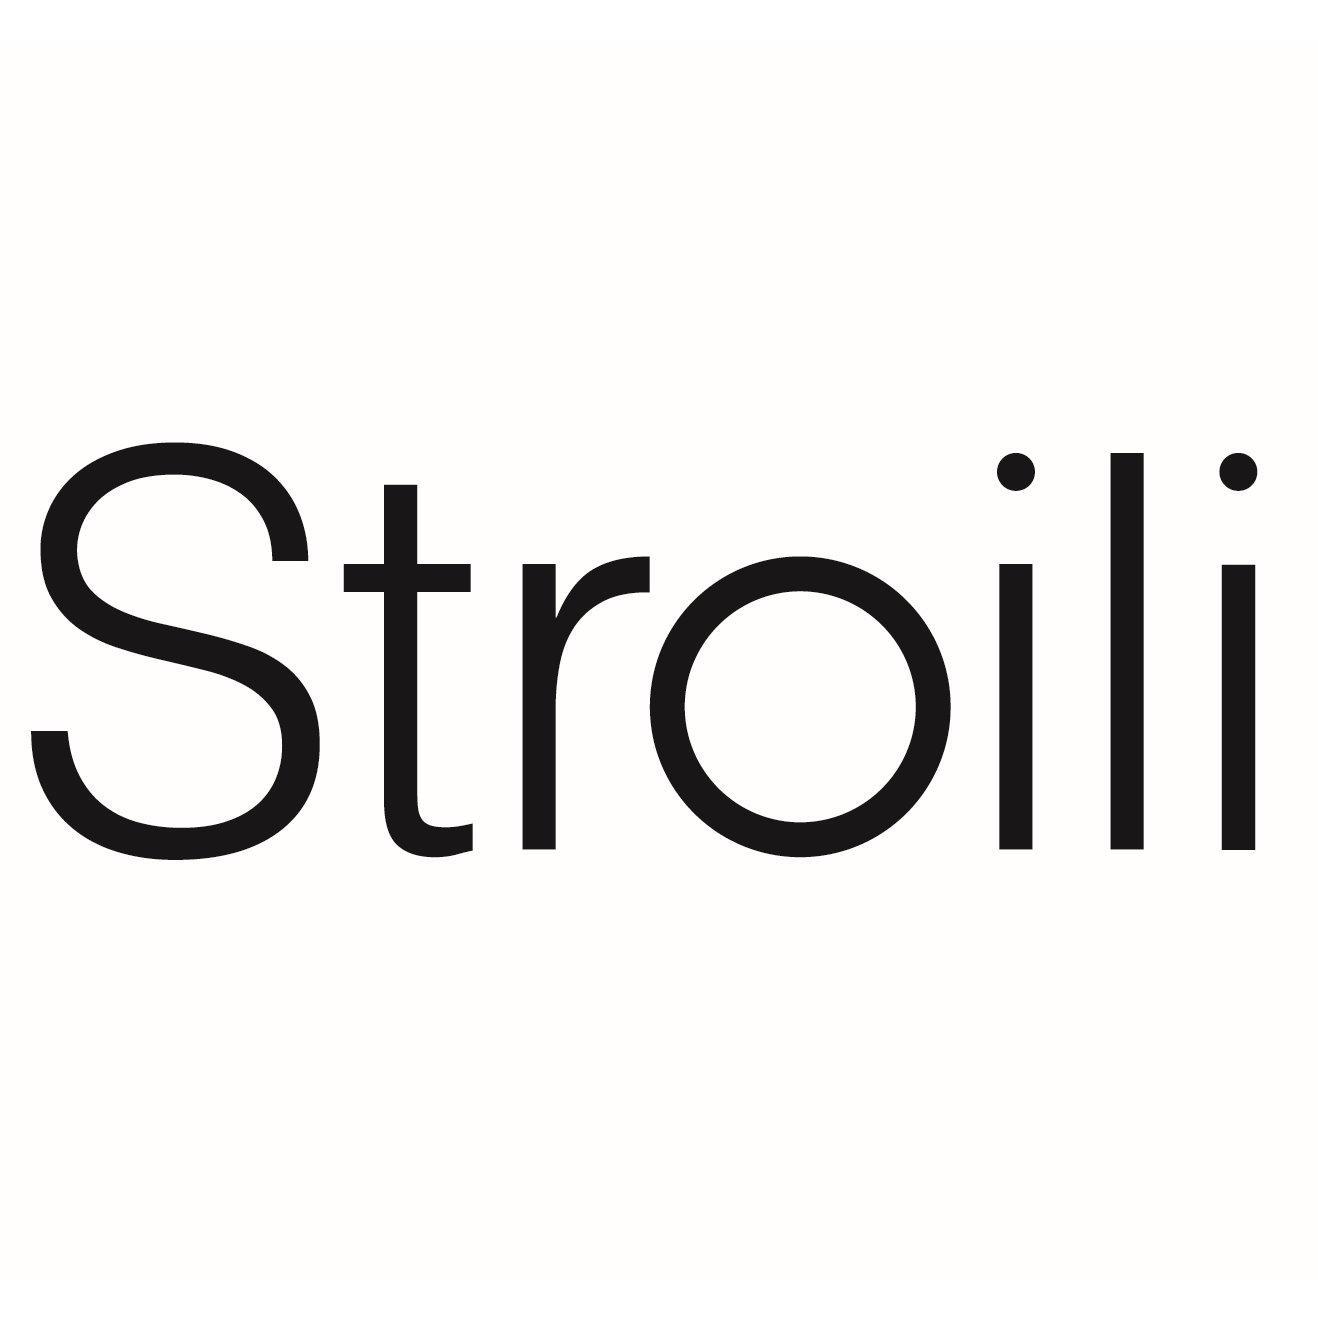 Gioielleria Stroili - Gioiellerie e oreficerie - vendita al dettaglio Bologna